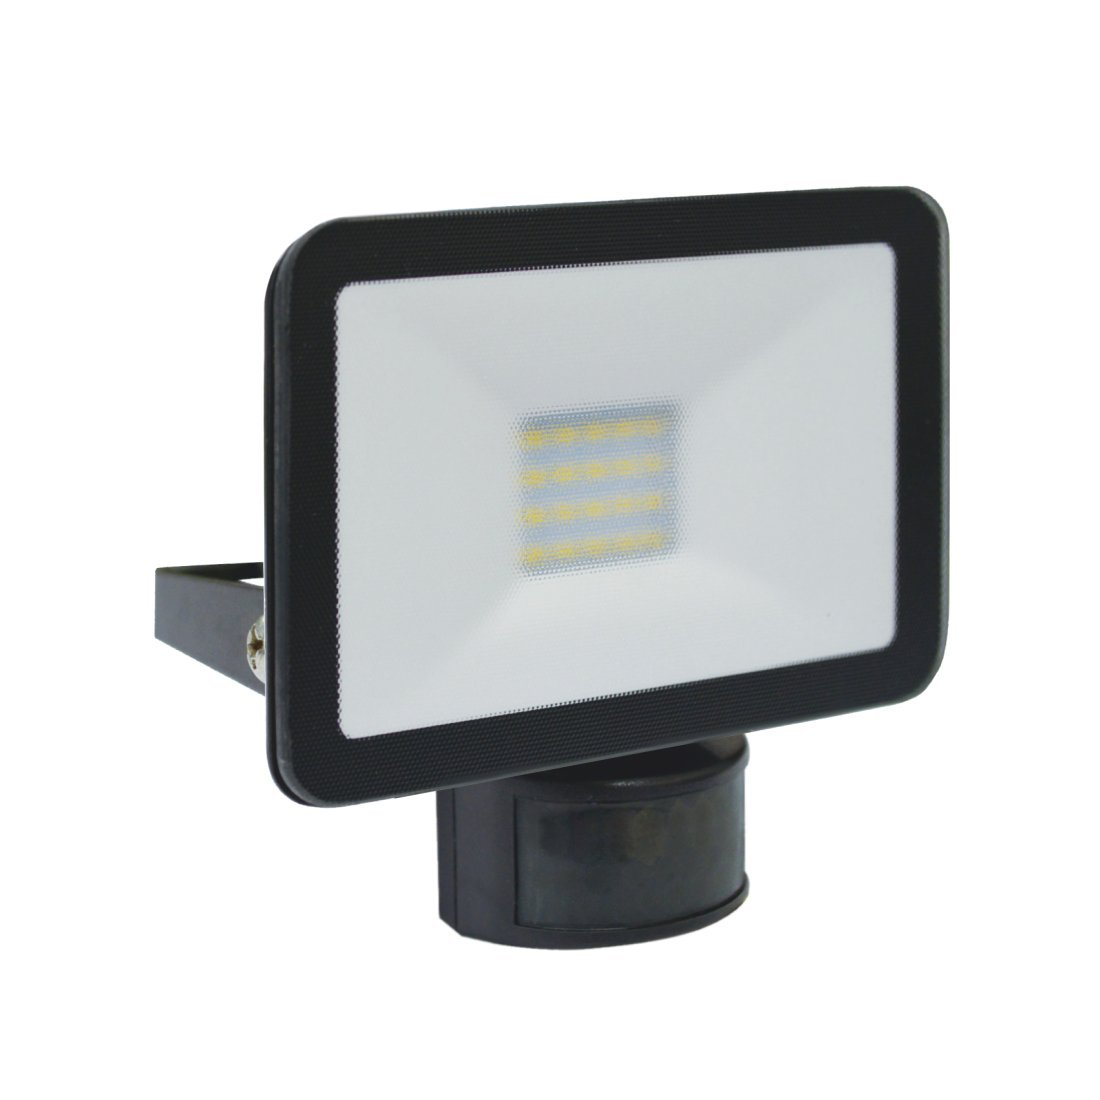 Elro Diseño LED lámpara de exterior con detector de movimiento (10 W, 900 lm, aluminio, negro, 12 x 2 x 12 cm: Amazon.es: Iluminación